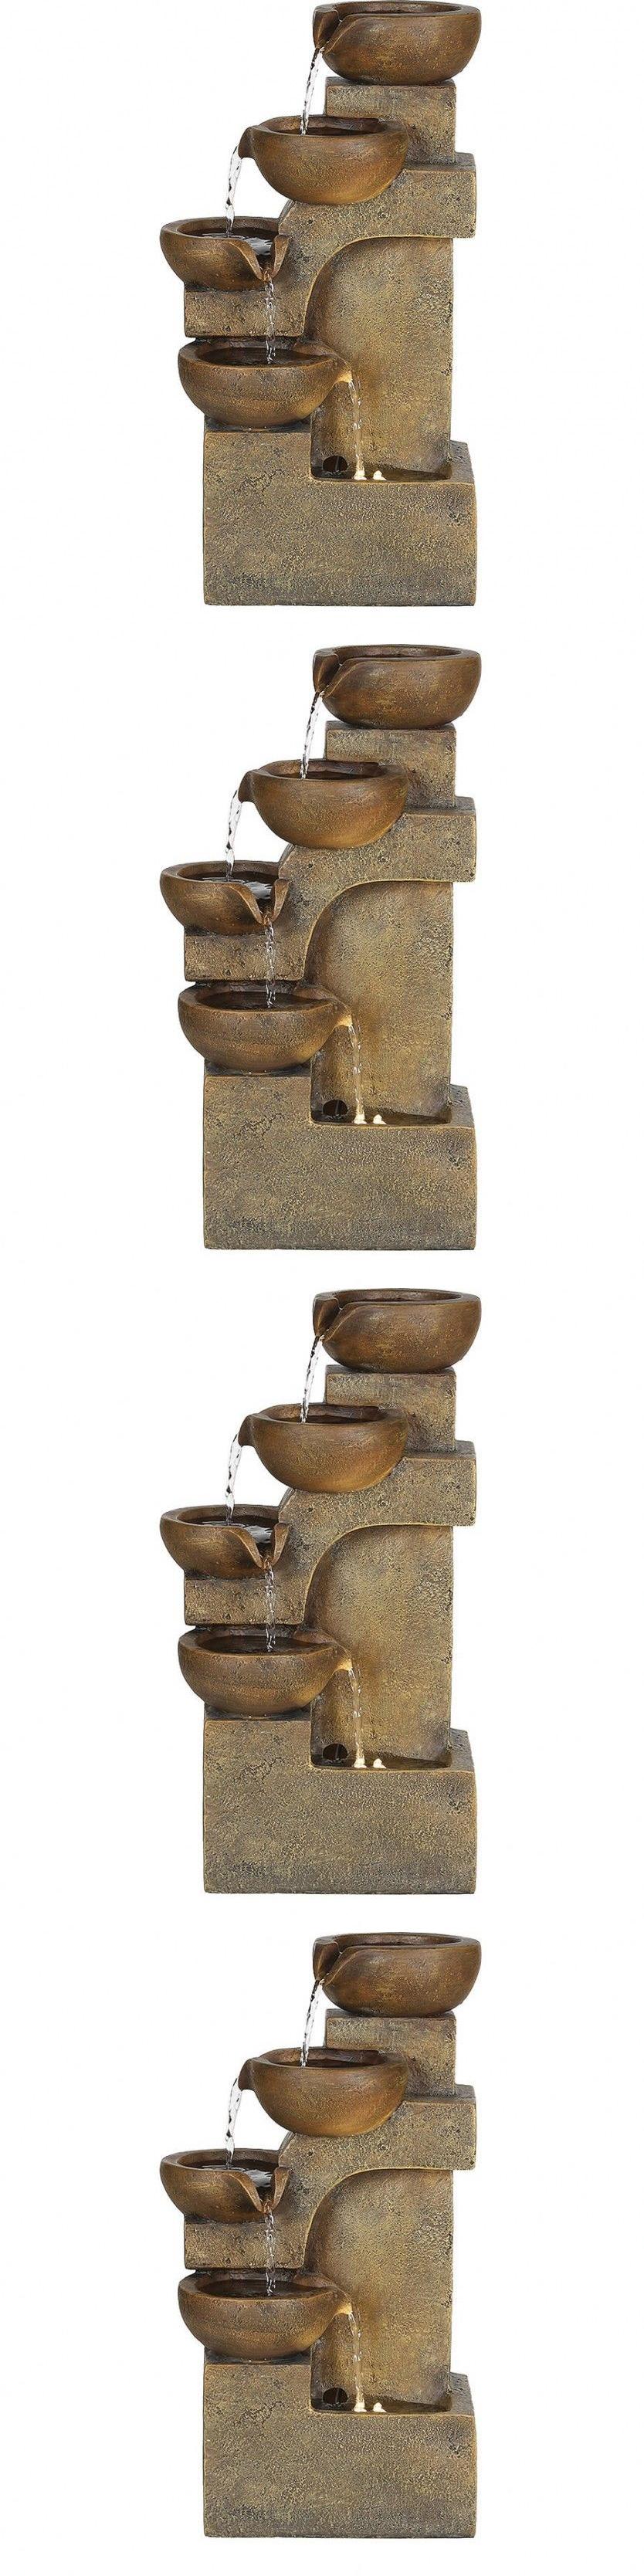 Indoor fountains 20569 outdoor indoor fountain with led light indoor fountains 20569 outdoor indoor fountain with led light tabletop fountain contemporary style workwithnaturefo